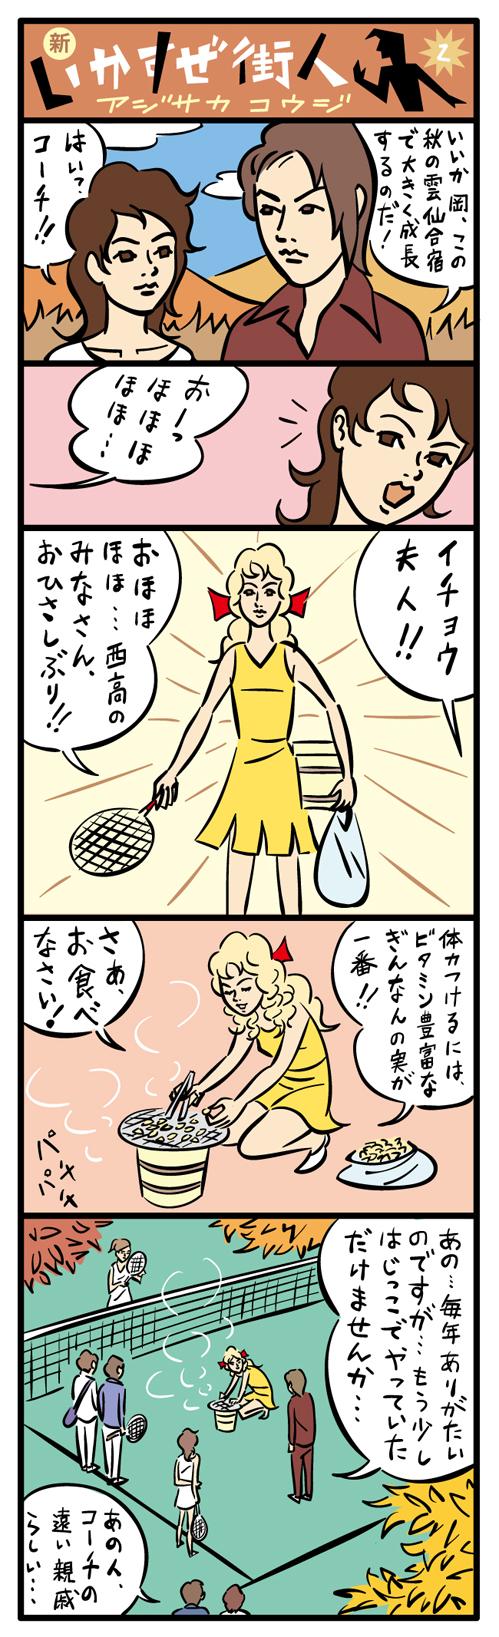 newmachi002.jpg